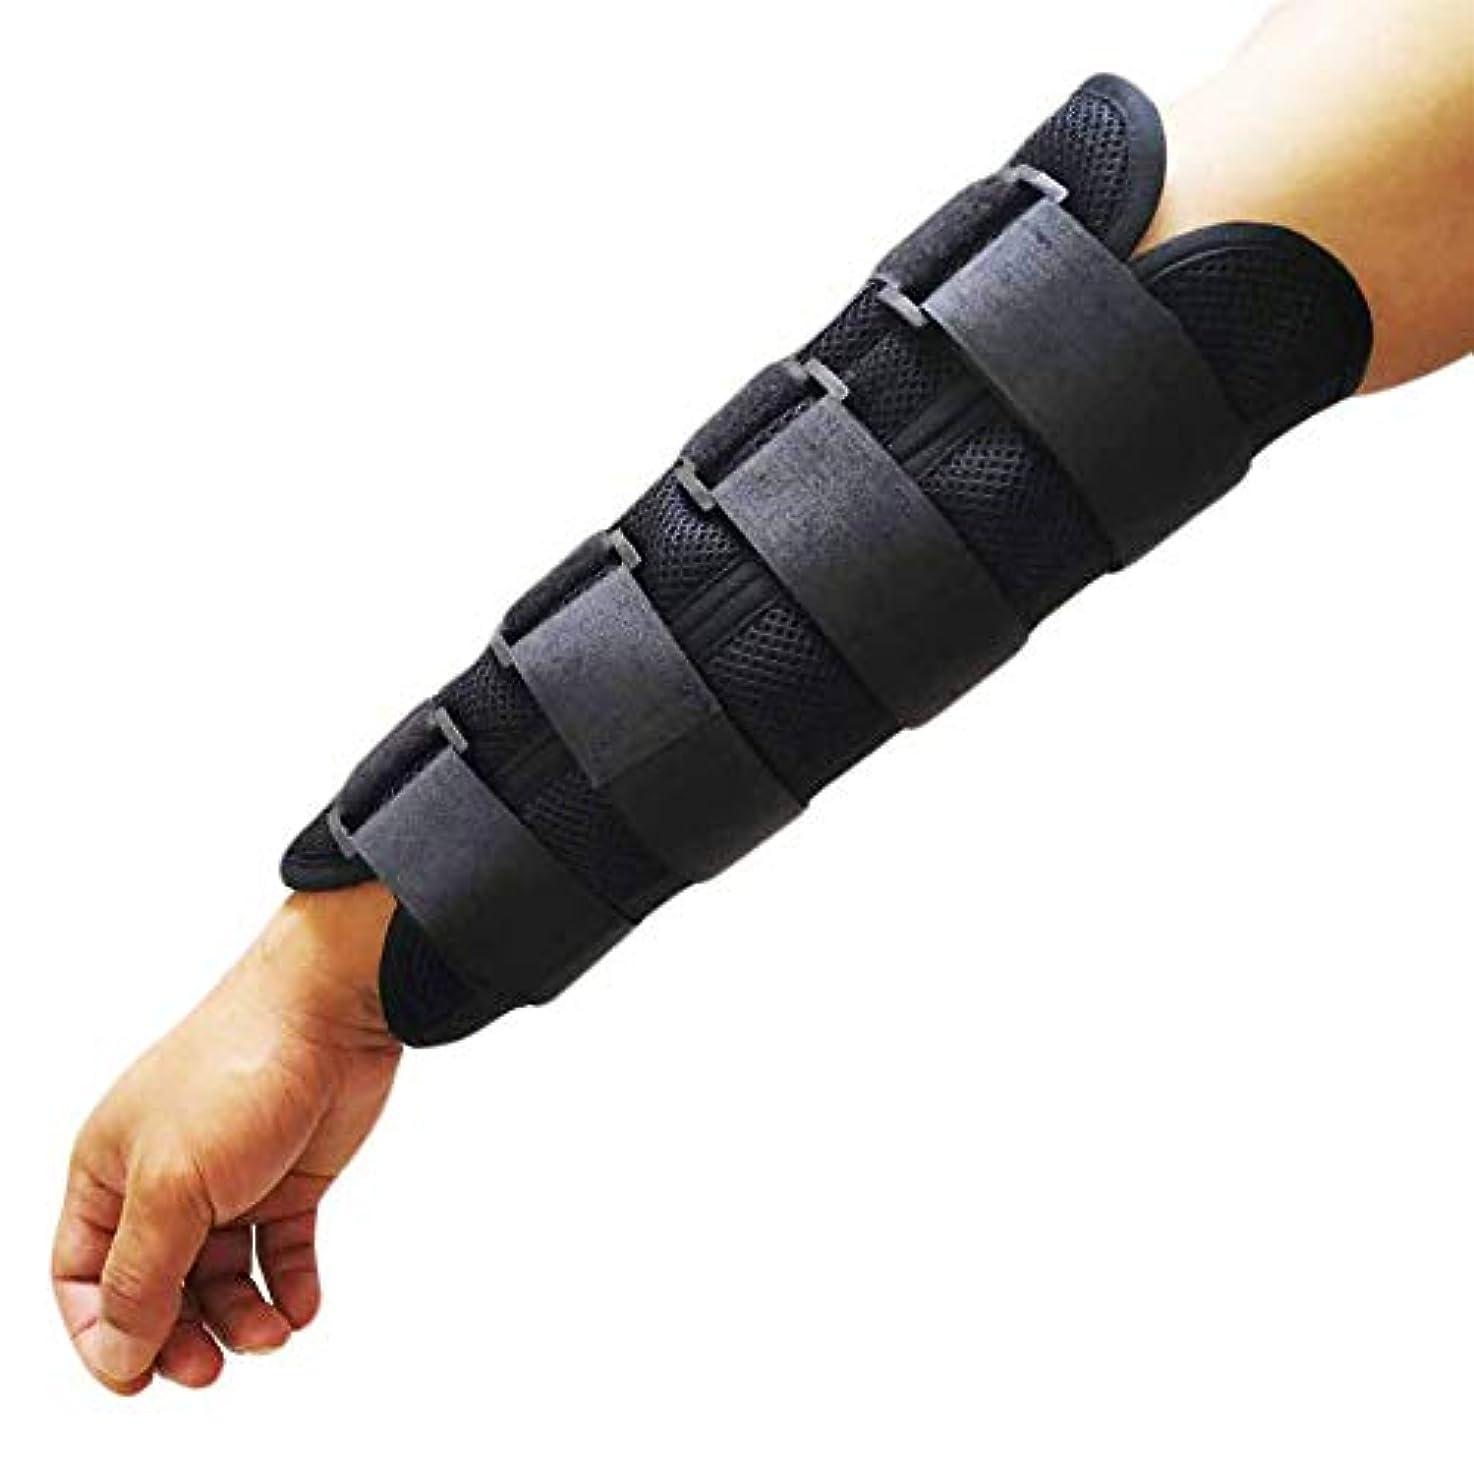 警戒創始者余計な手首と前腕の副木調整可能な前腕の装具 固定サポート捻S、脱臼、関節炎、腱炎のナイトスプリント,S